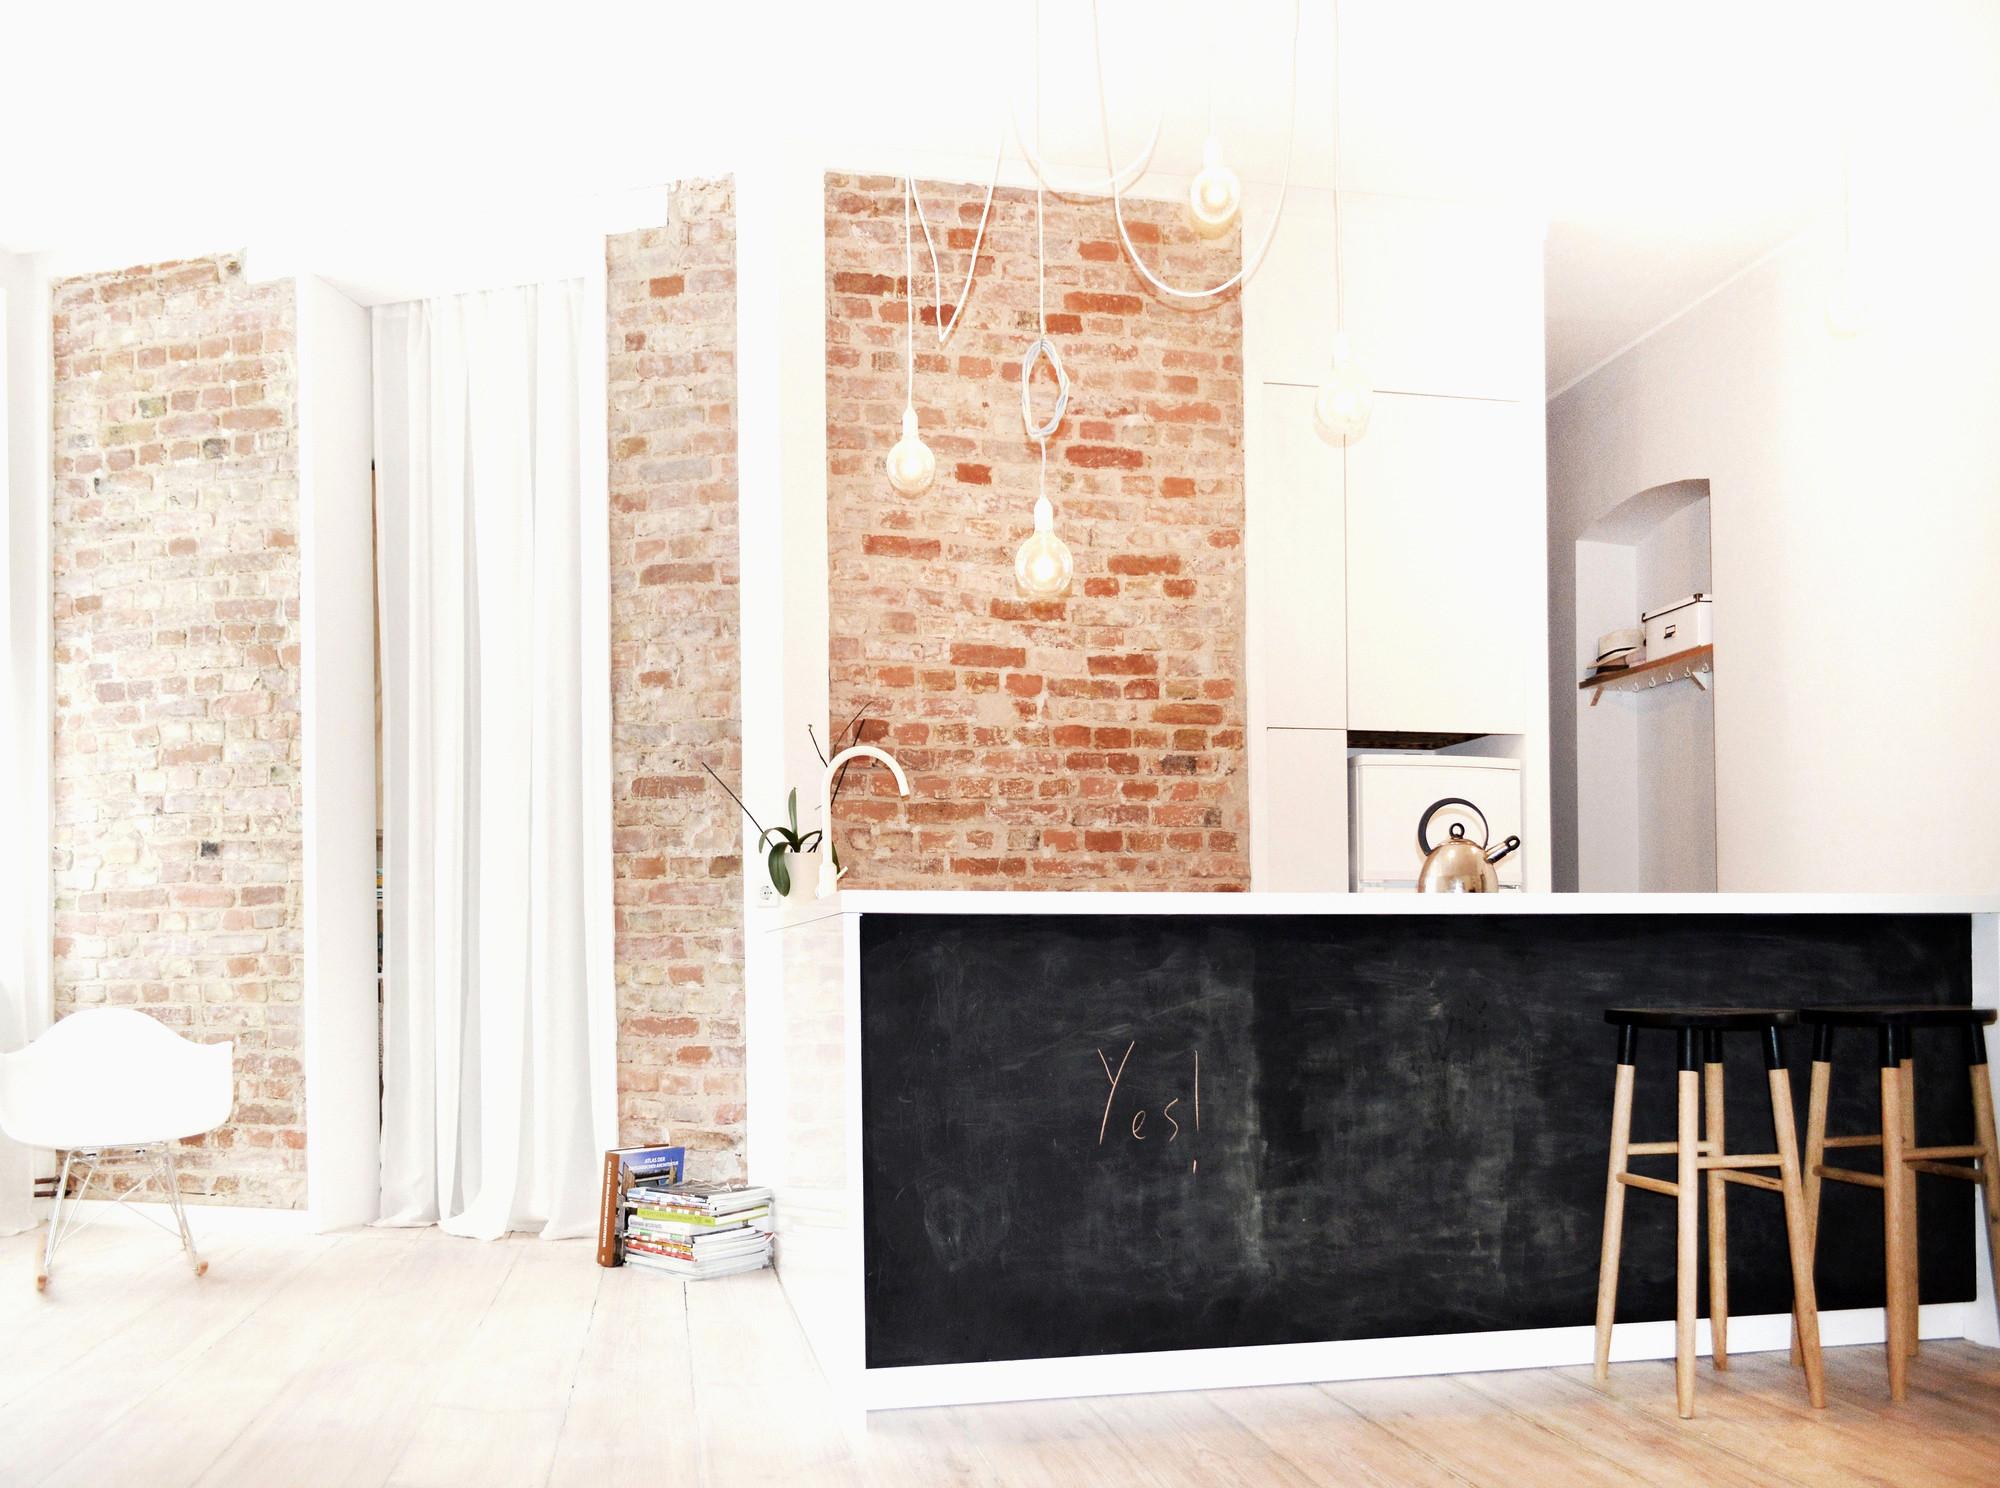 magasin peinture de paris meilleur de meuble cuisine but beau meuble salon but elegant meuble telephone 0d la photographie de magasin peinture de paris